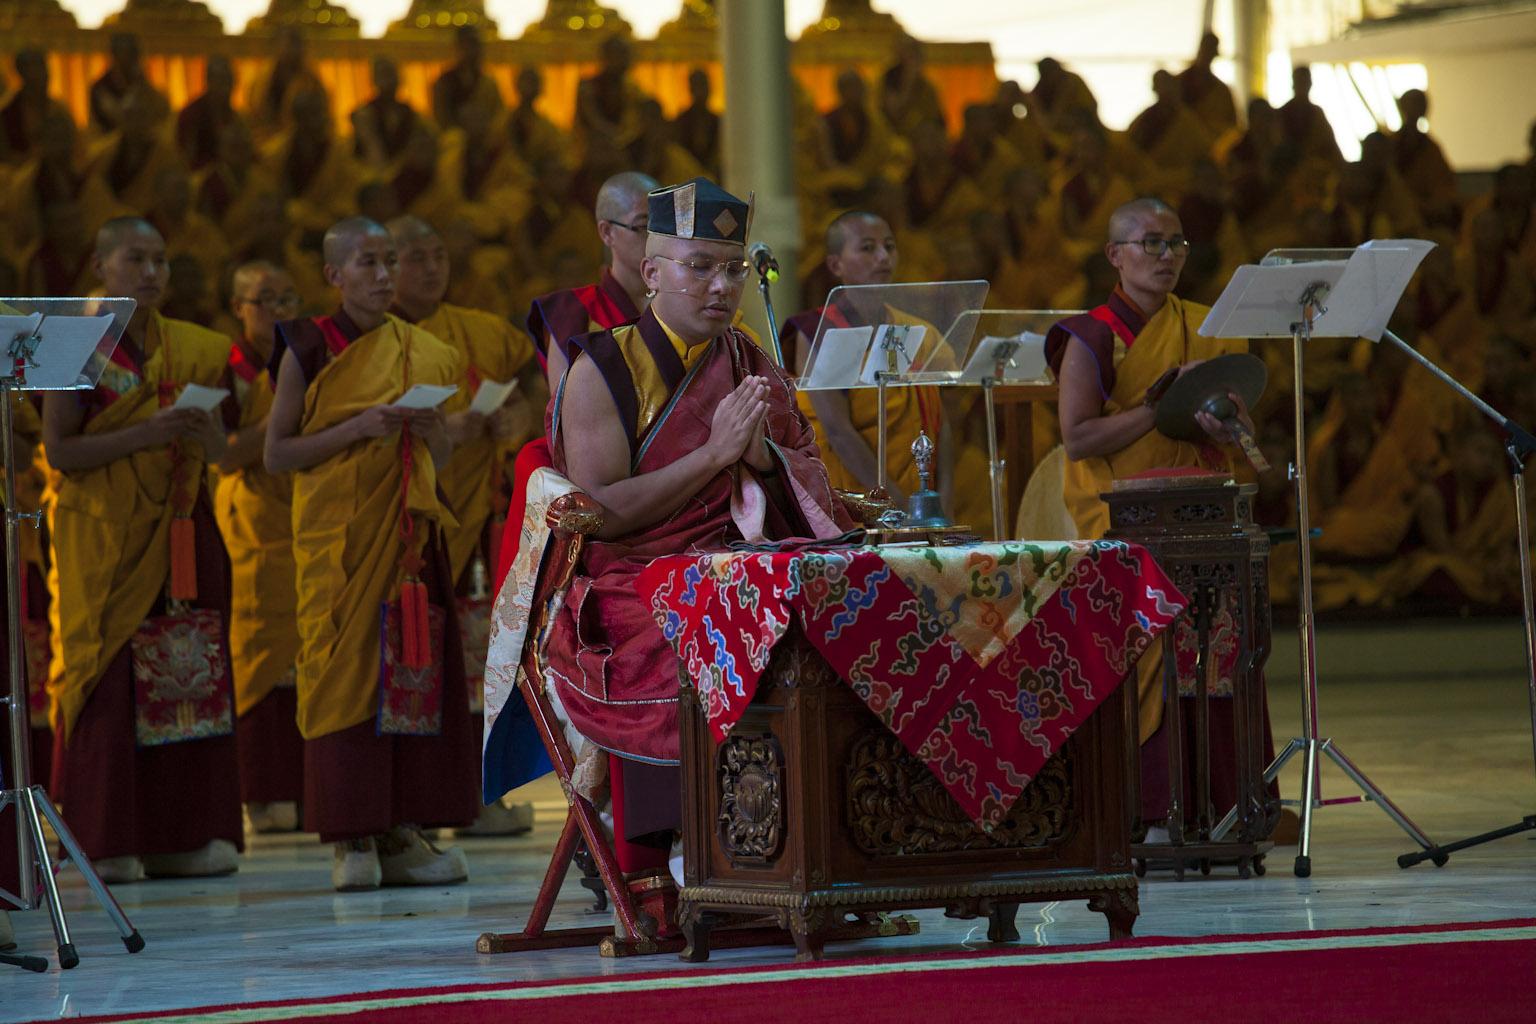 Ceremon de Karmapa(Kagyu Monlam)